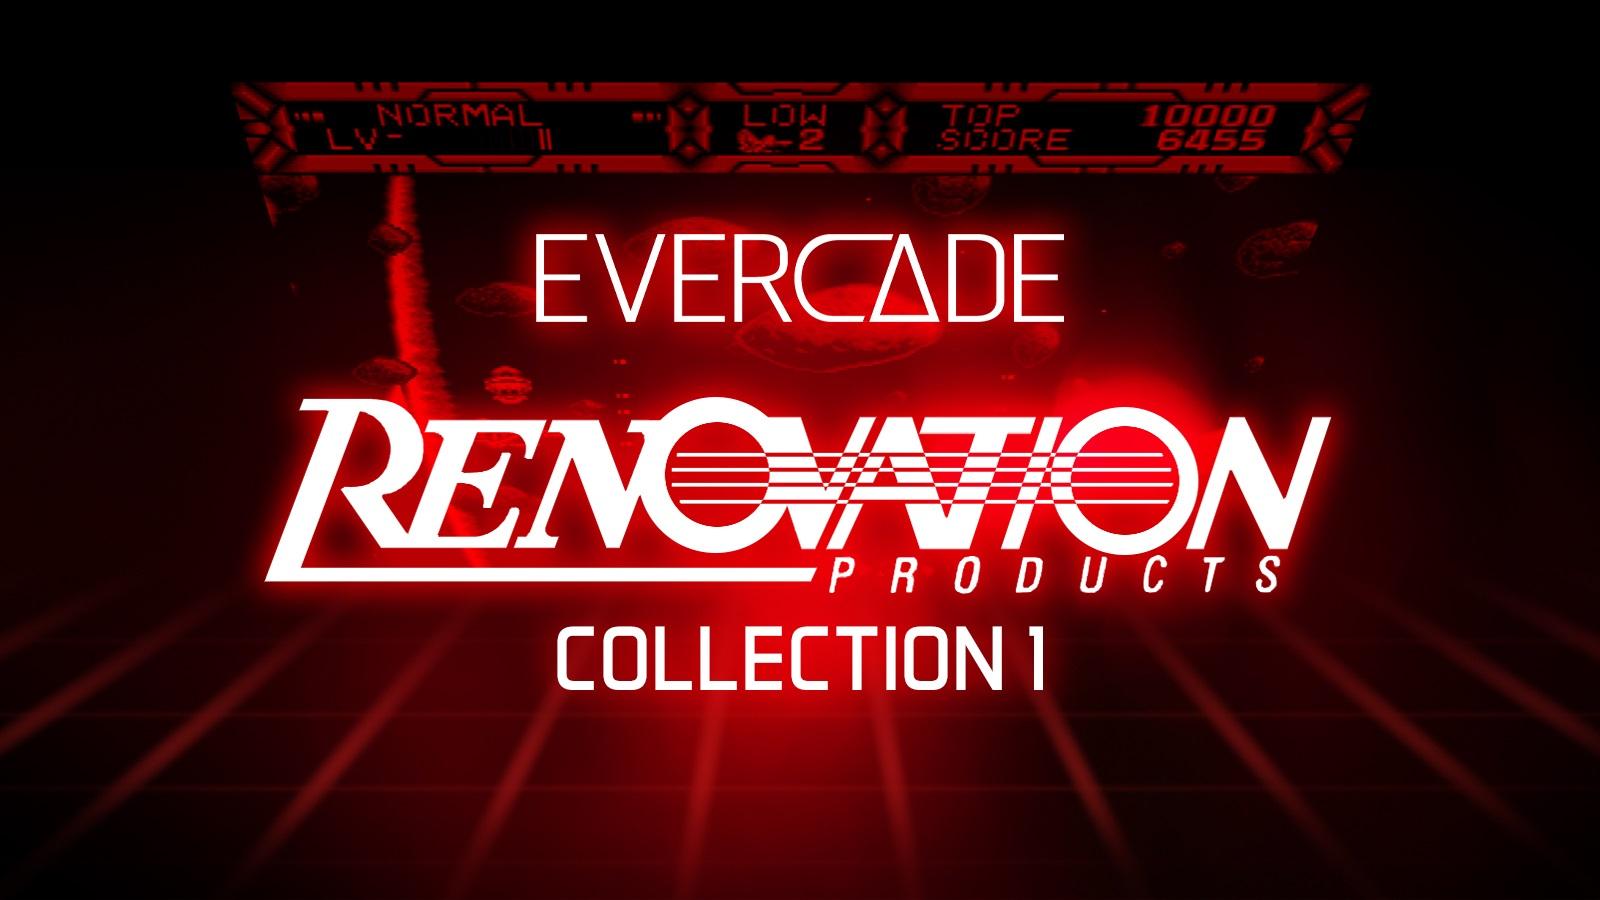 Evercade: Renovation Collection 1 bietet seltene Spiele für die Konsole